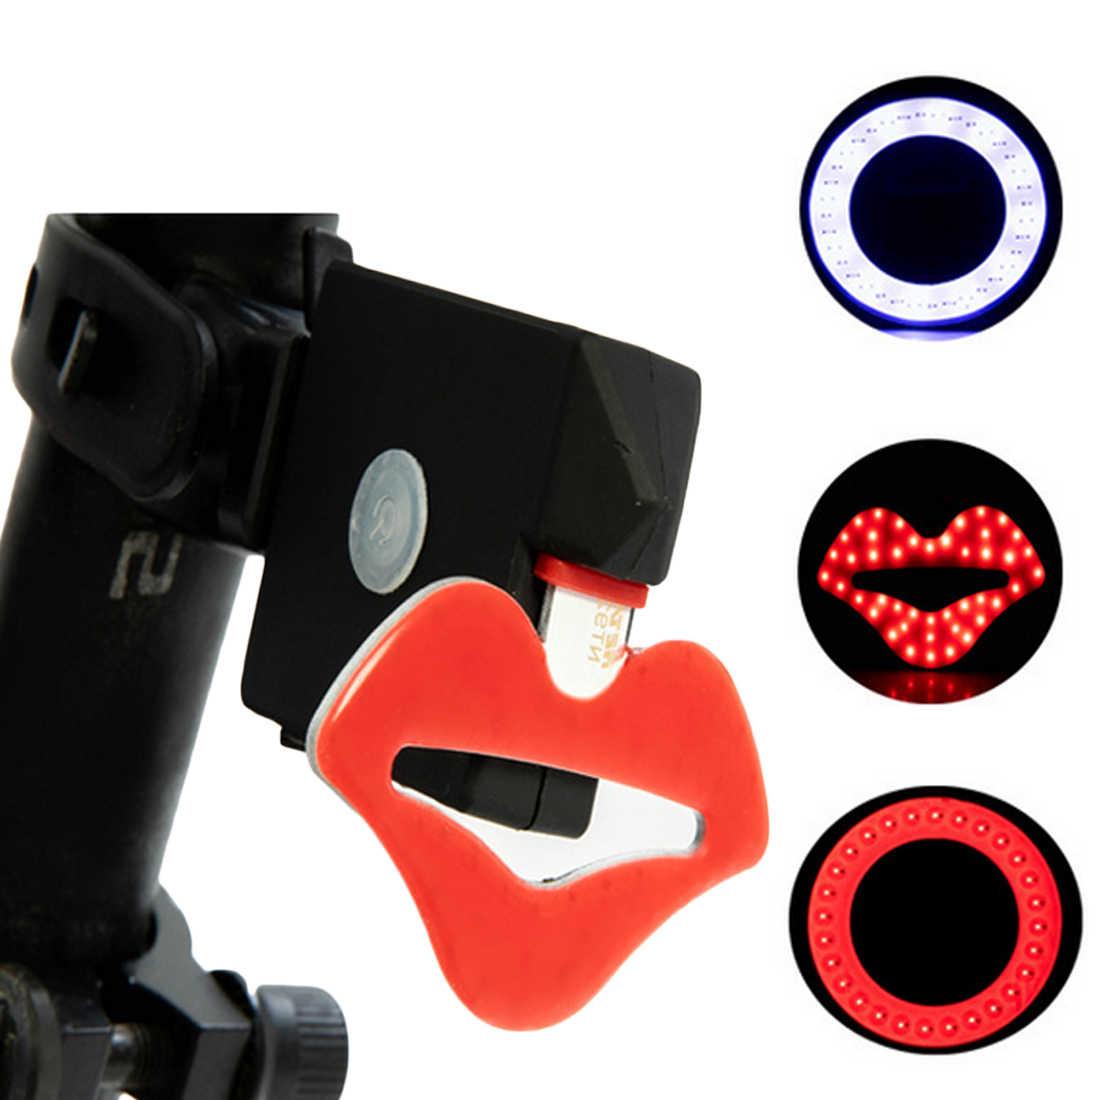 Новое поступление личность губы круговой велосипед свет USB перезарядка водостойкий велосипед COB задний фонарь ночной Предупреждение лампа